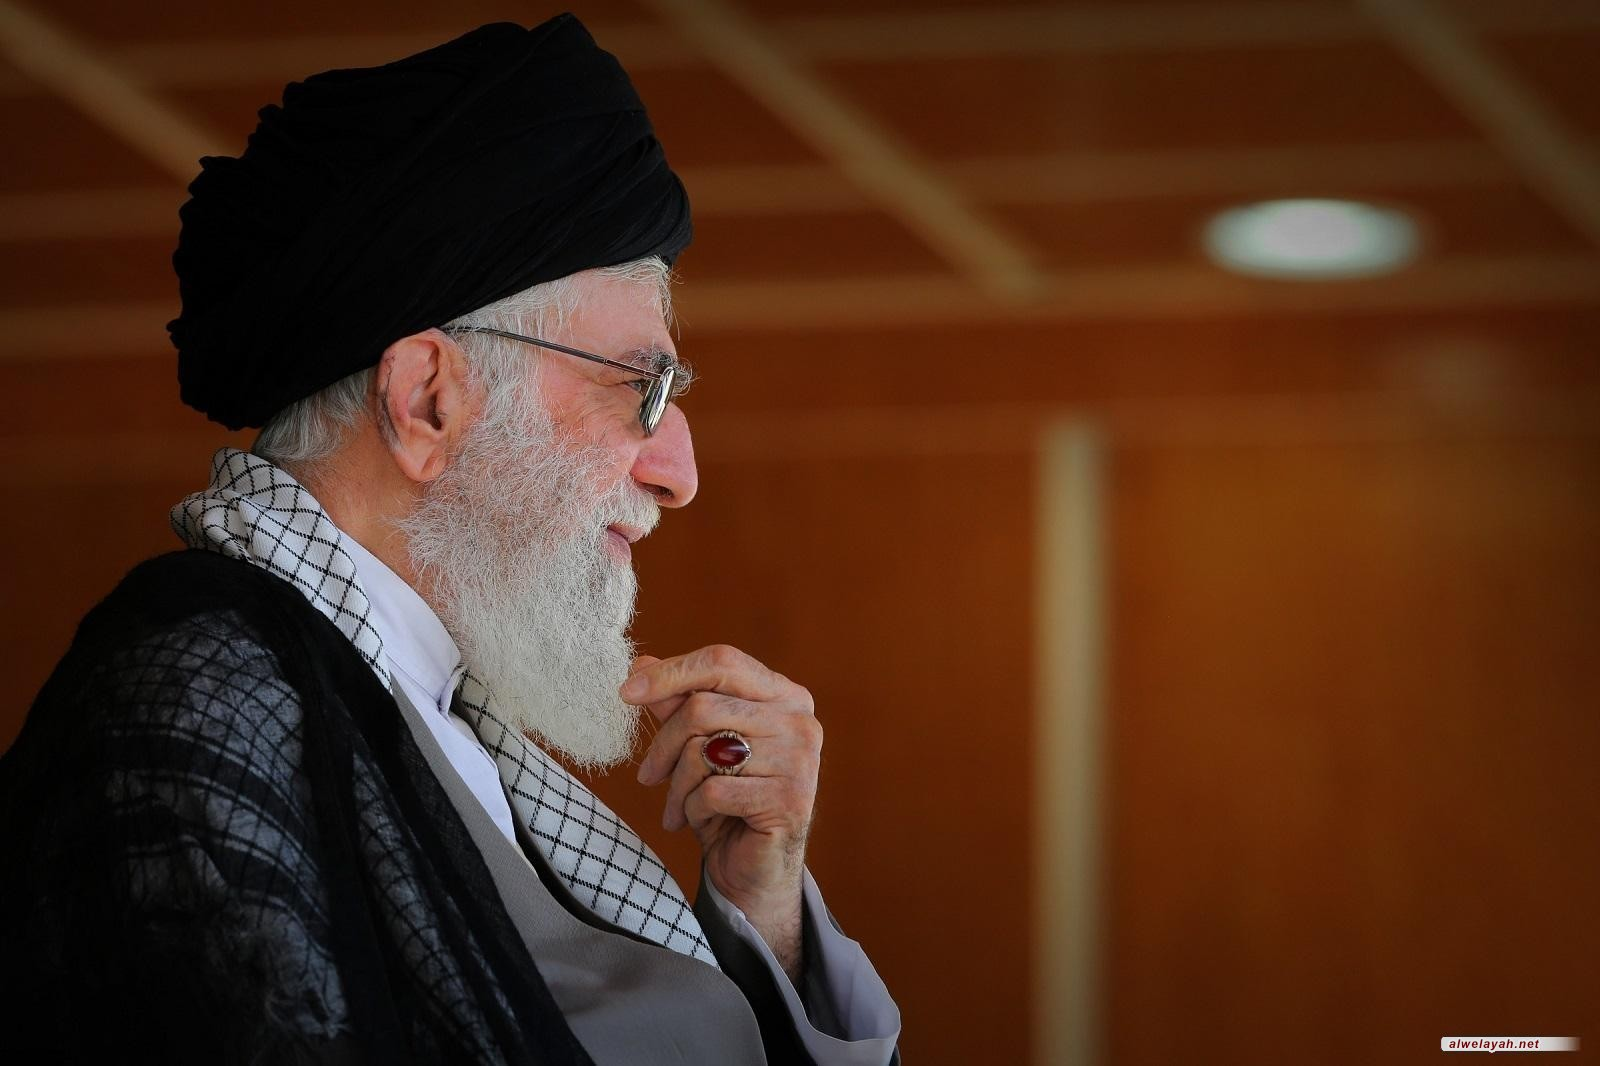 قائد الثورة الإسلامية في بيانه بمناسبة أسبوع الدفاع المقدس: ساحة الجهاد مازالت مفتوحة في مختلف المجالات